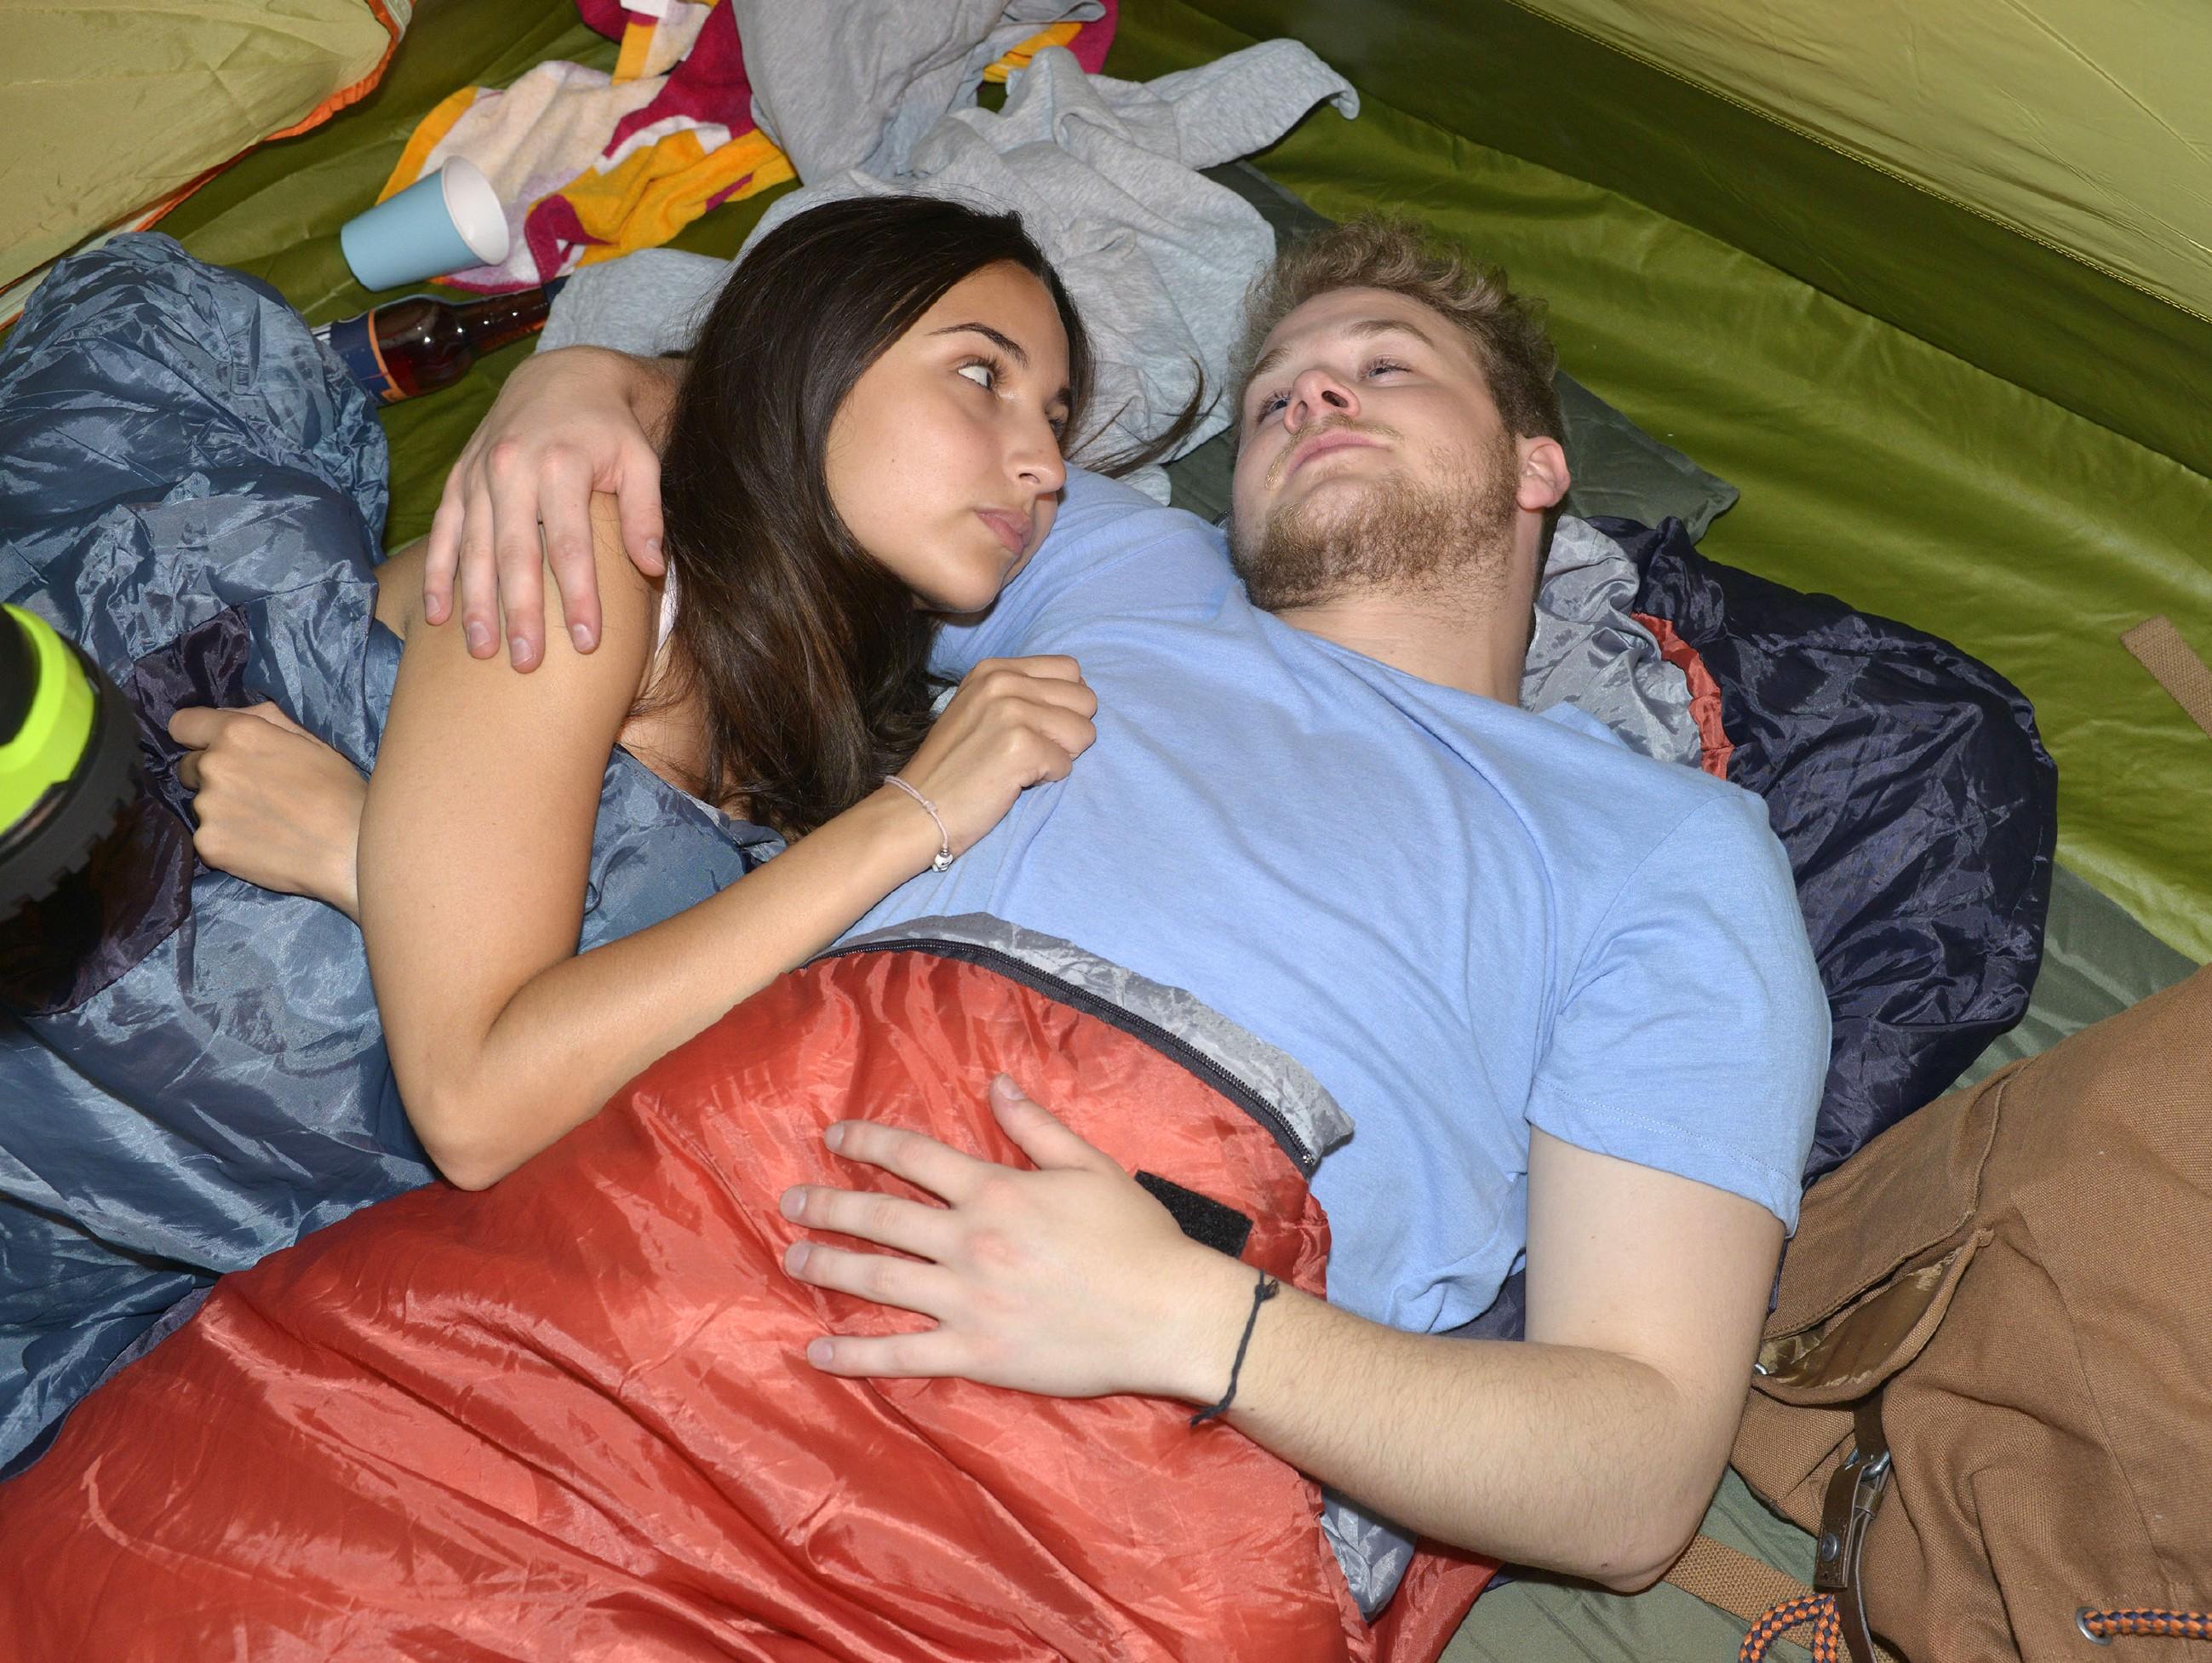 Selma (Rona Özkan) und Jonas (Felix van Deventer) scheinen bei ihrem Ostsee-Trip wieder zueinander gefunden zu haben, doch der Schein trügt... (RTL / Rolf Baumgartner)